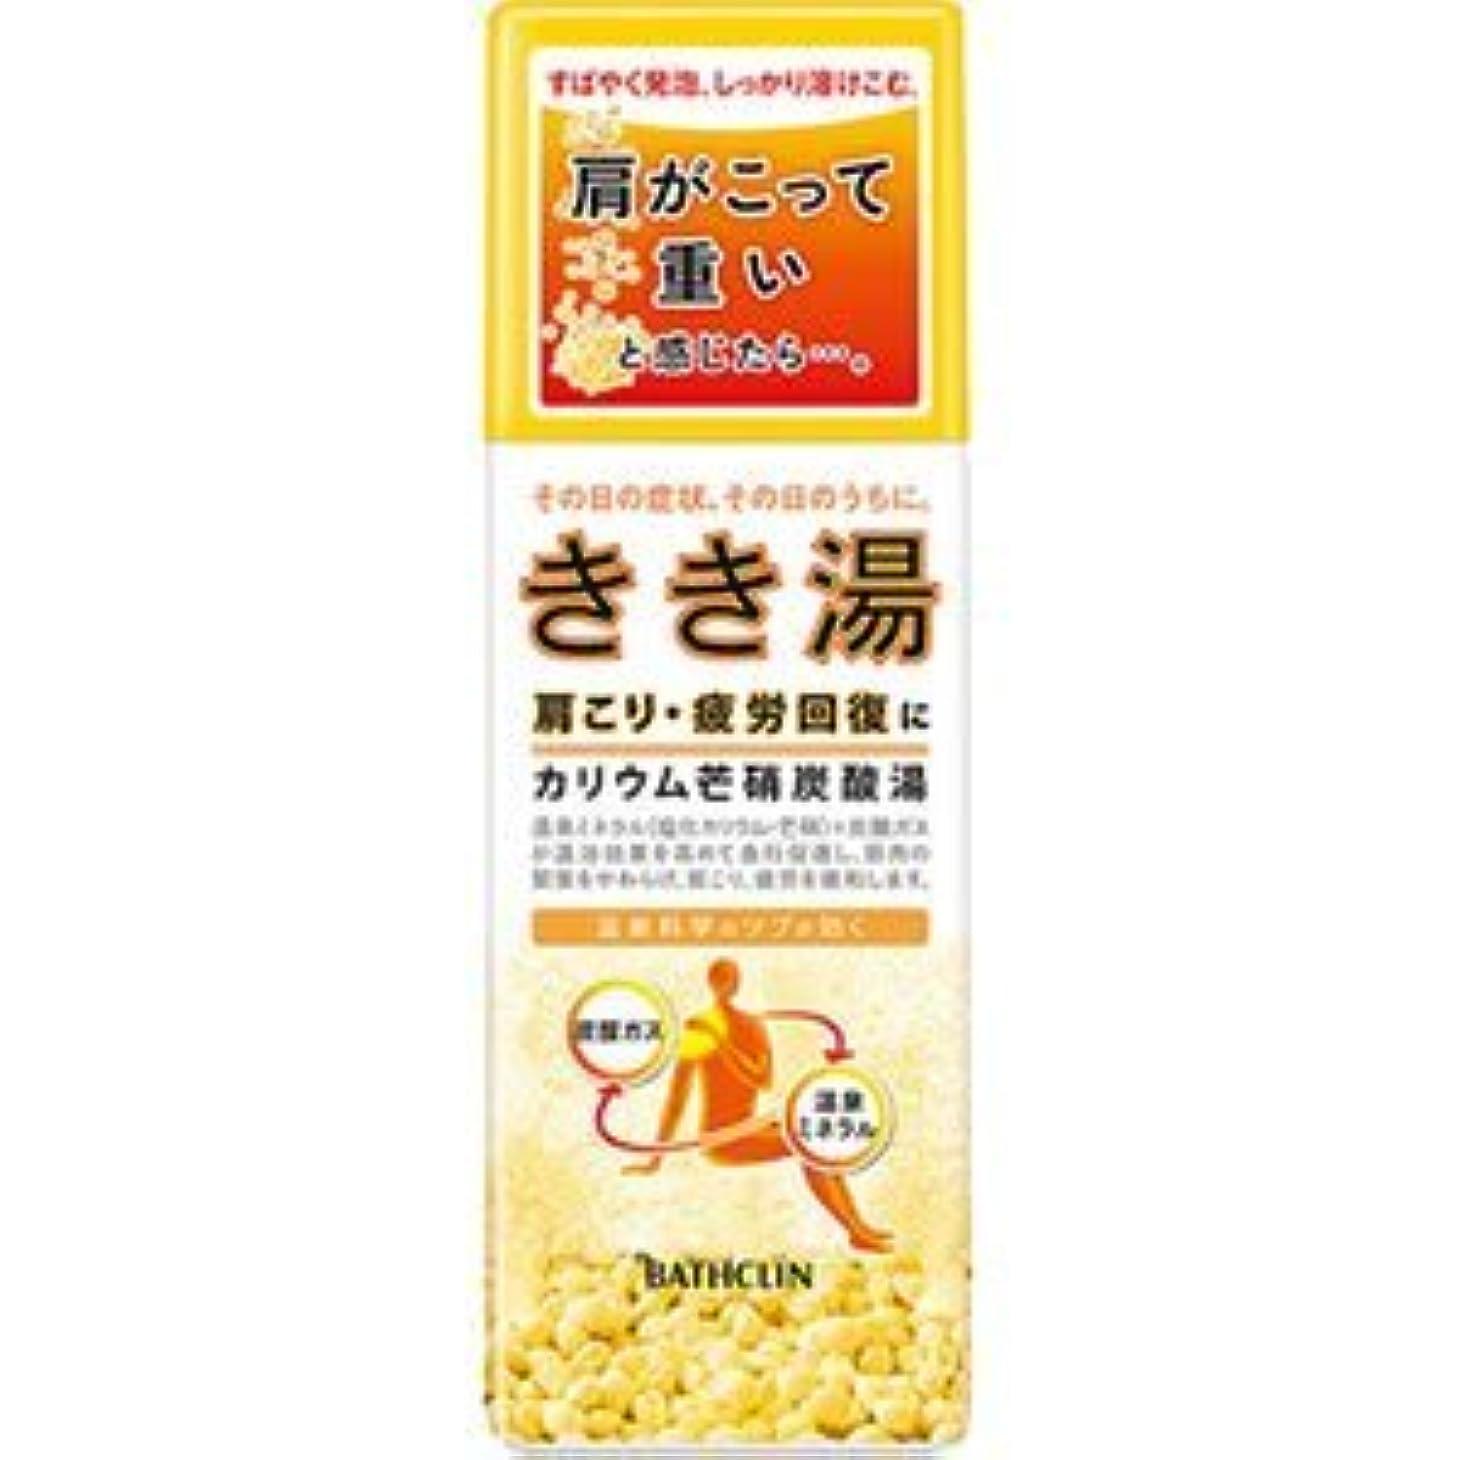 (バスクリン)きき湯 カリウム芒哨炭酸湯 360g(お買い得3個セット)(医薬部外品)